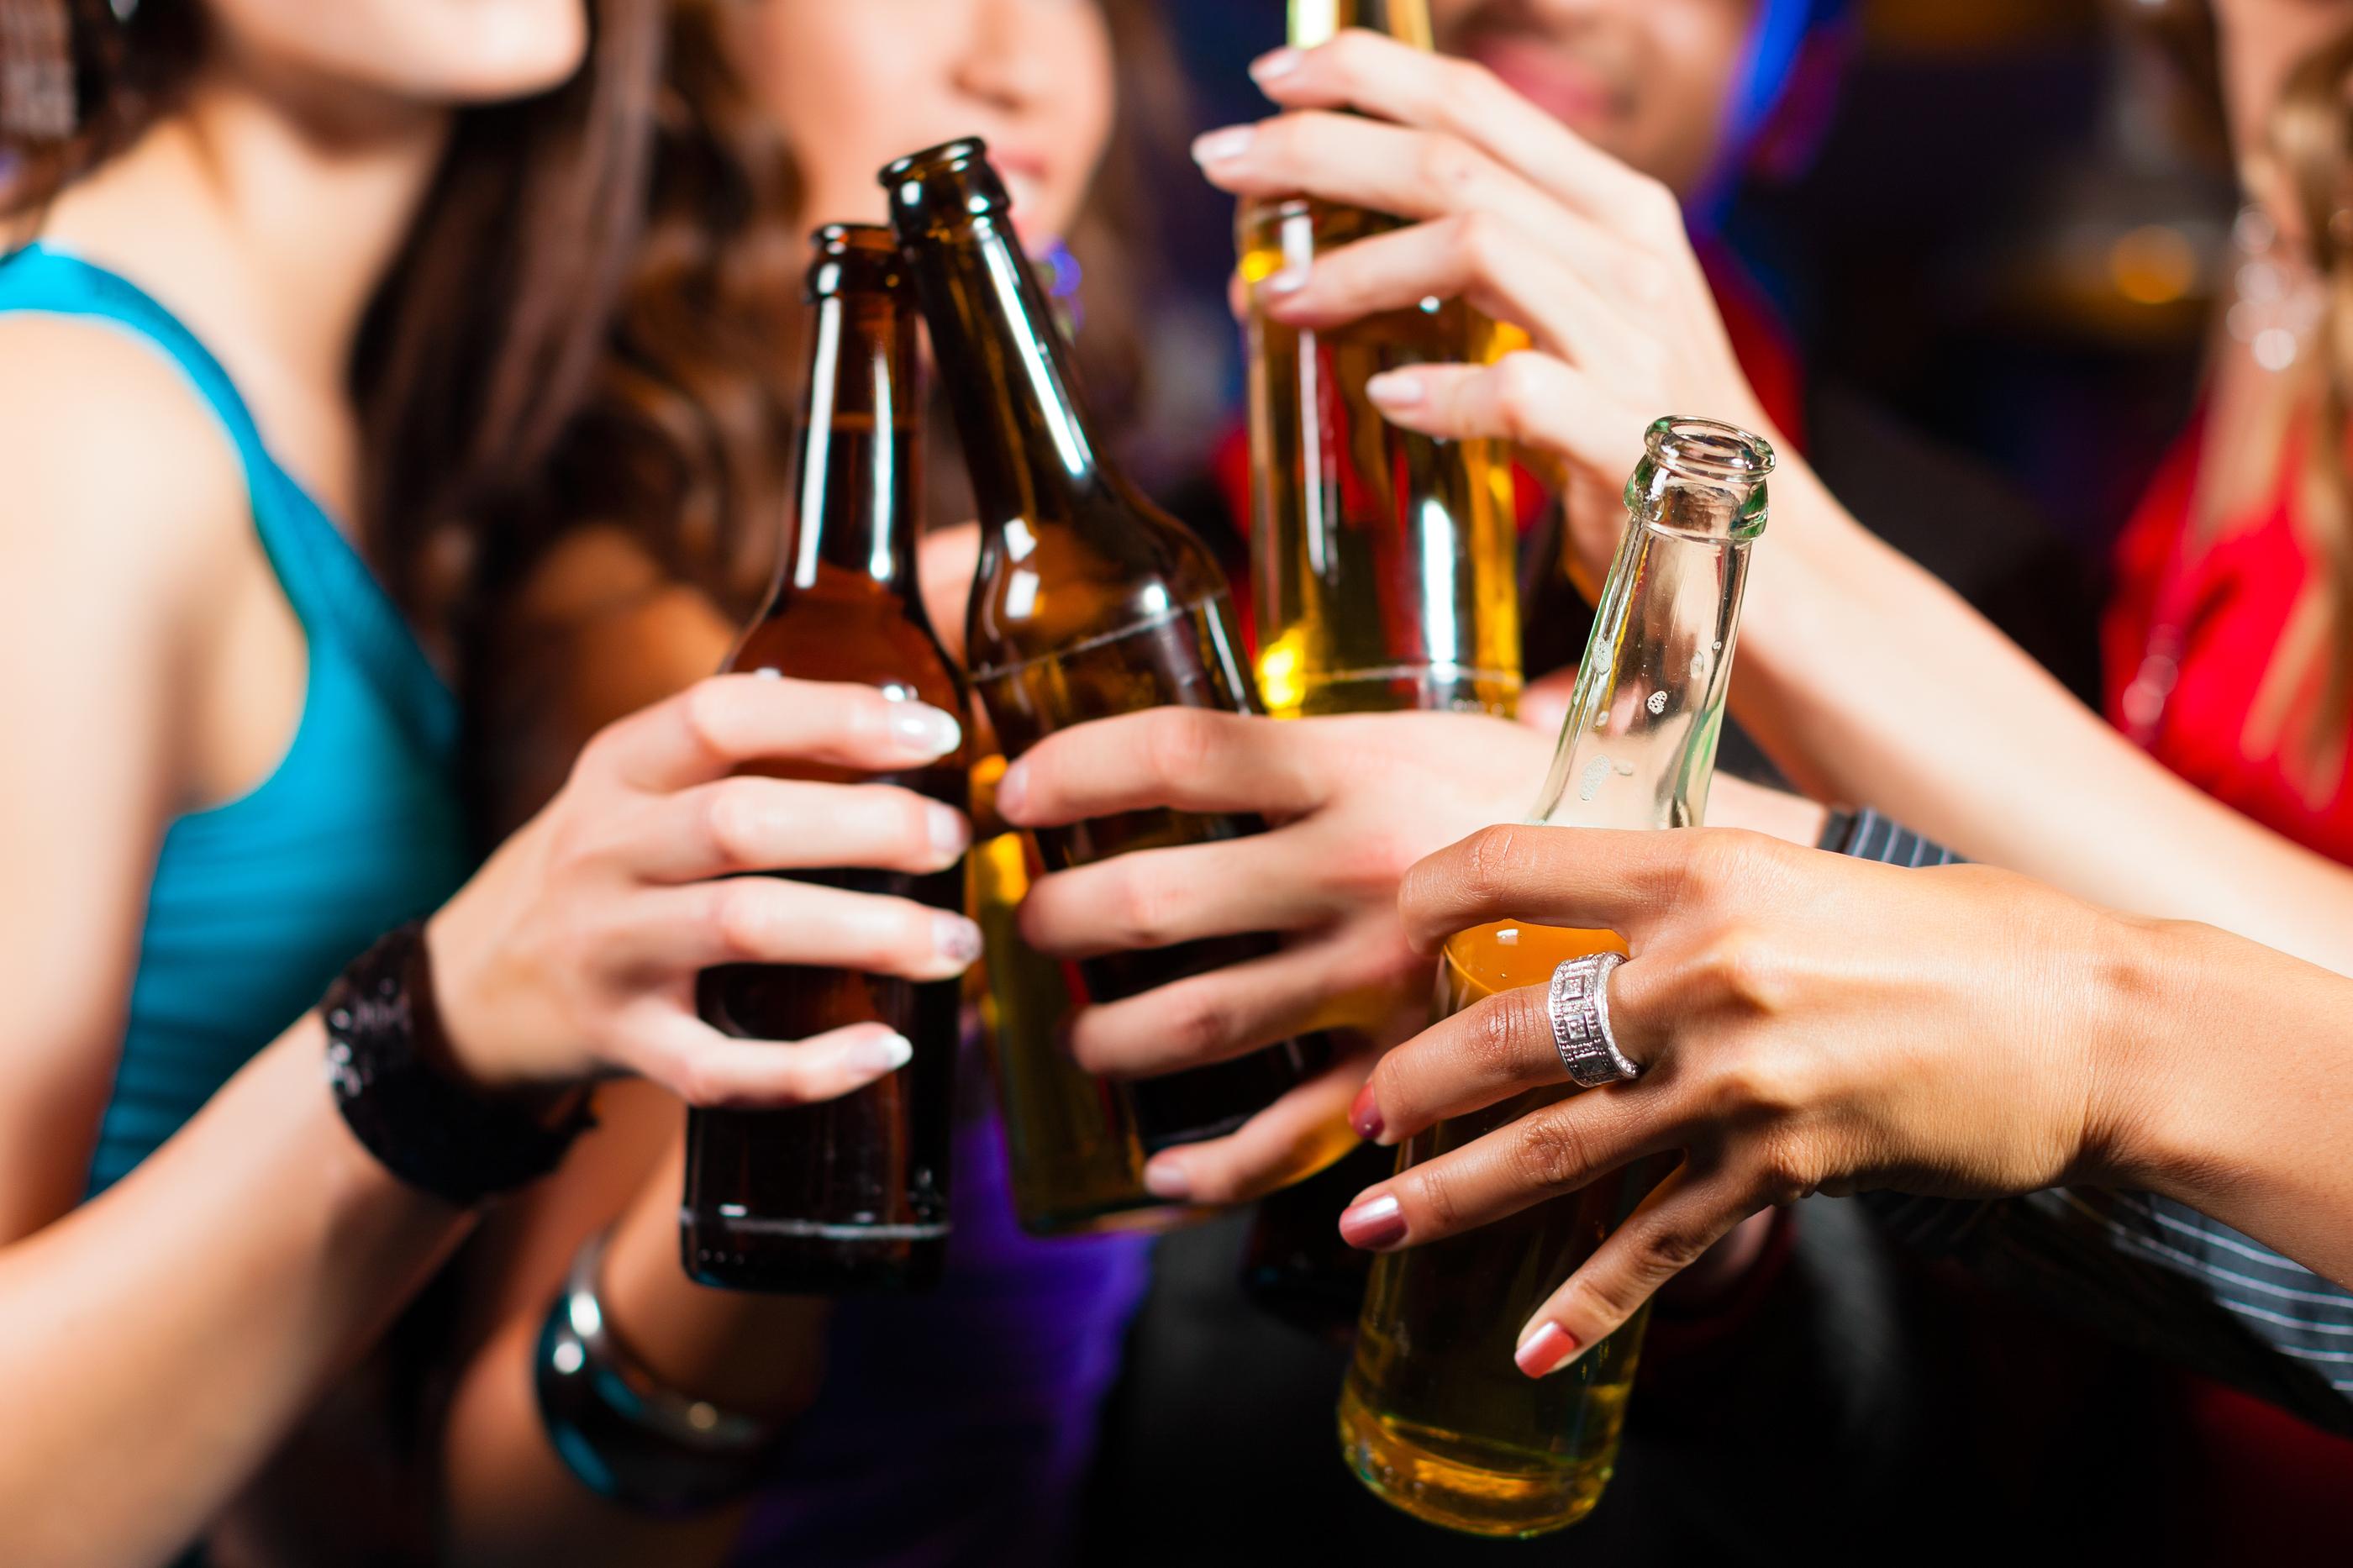 Фото как девочки пьют сперму 10 фотография